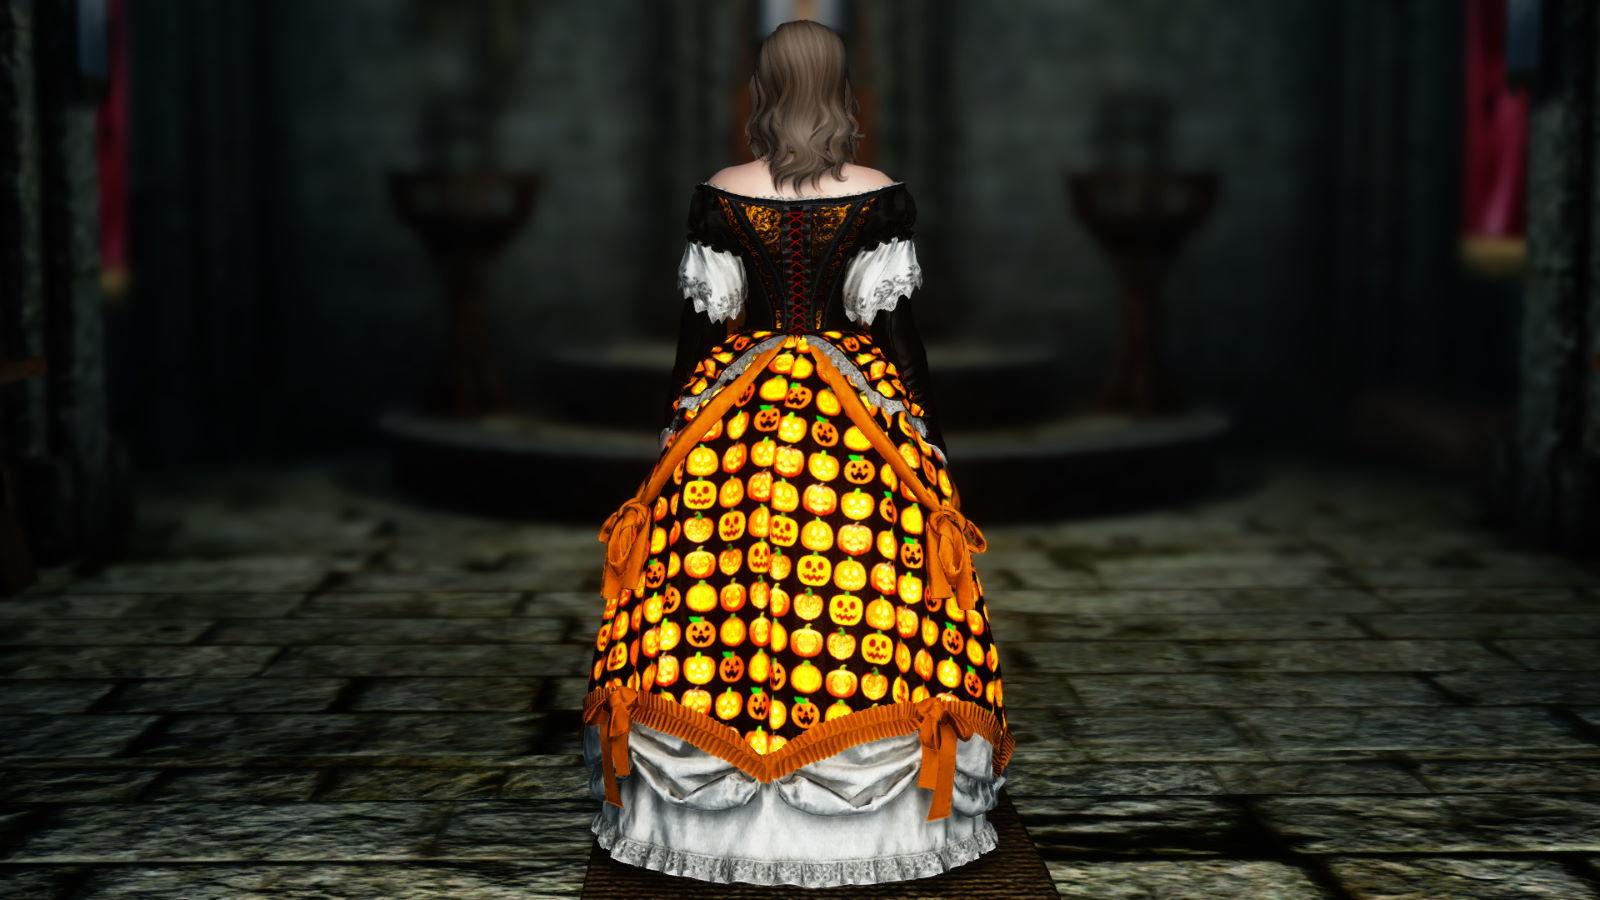 FullInuEliseDressSK 251-1 Pose Dress Halloween 1